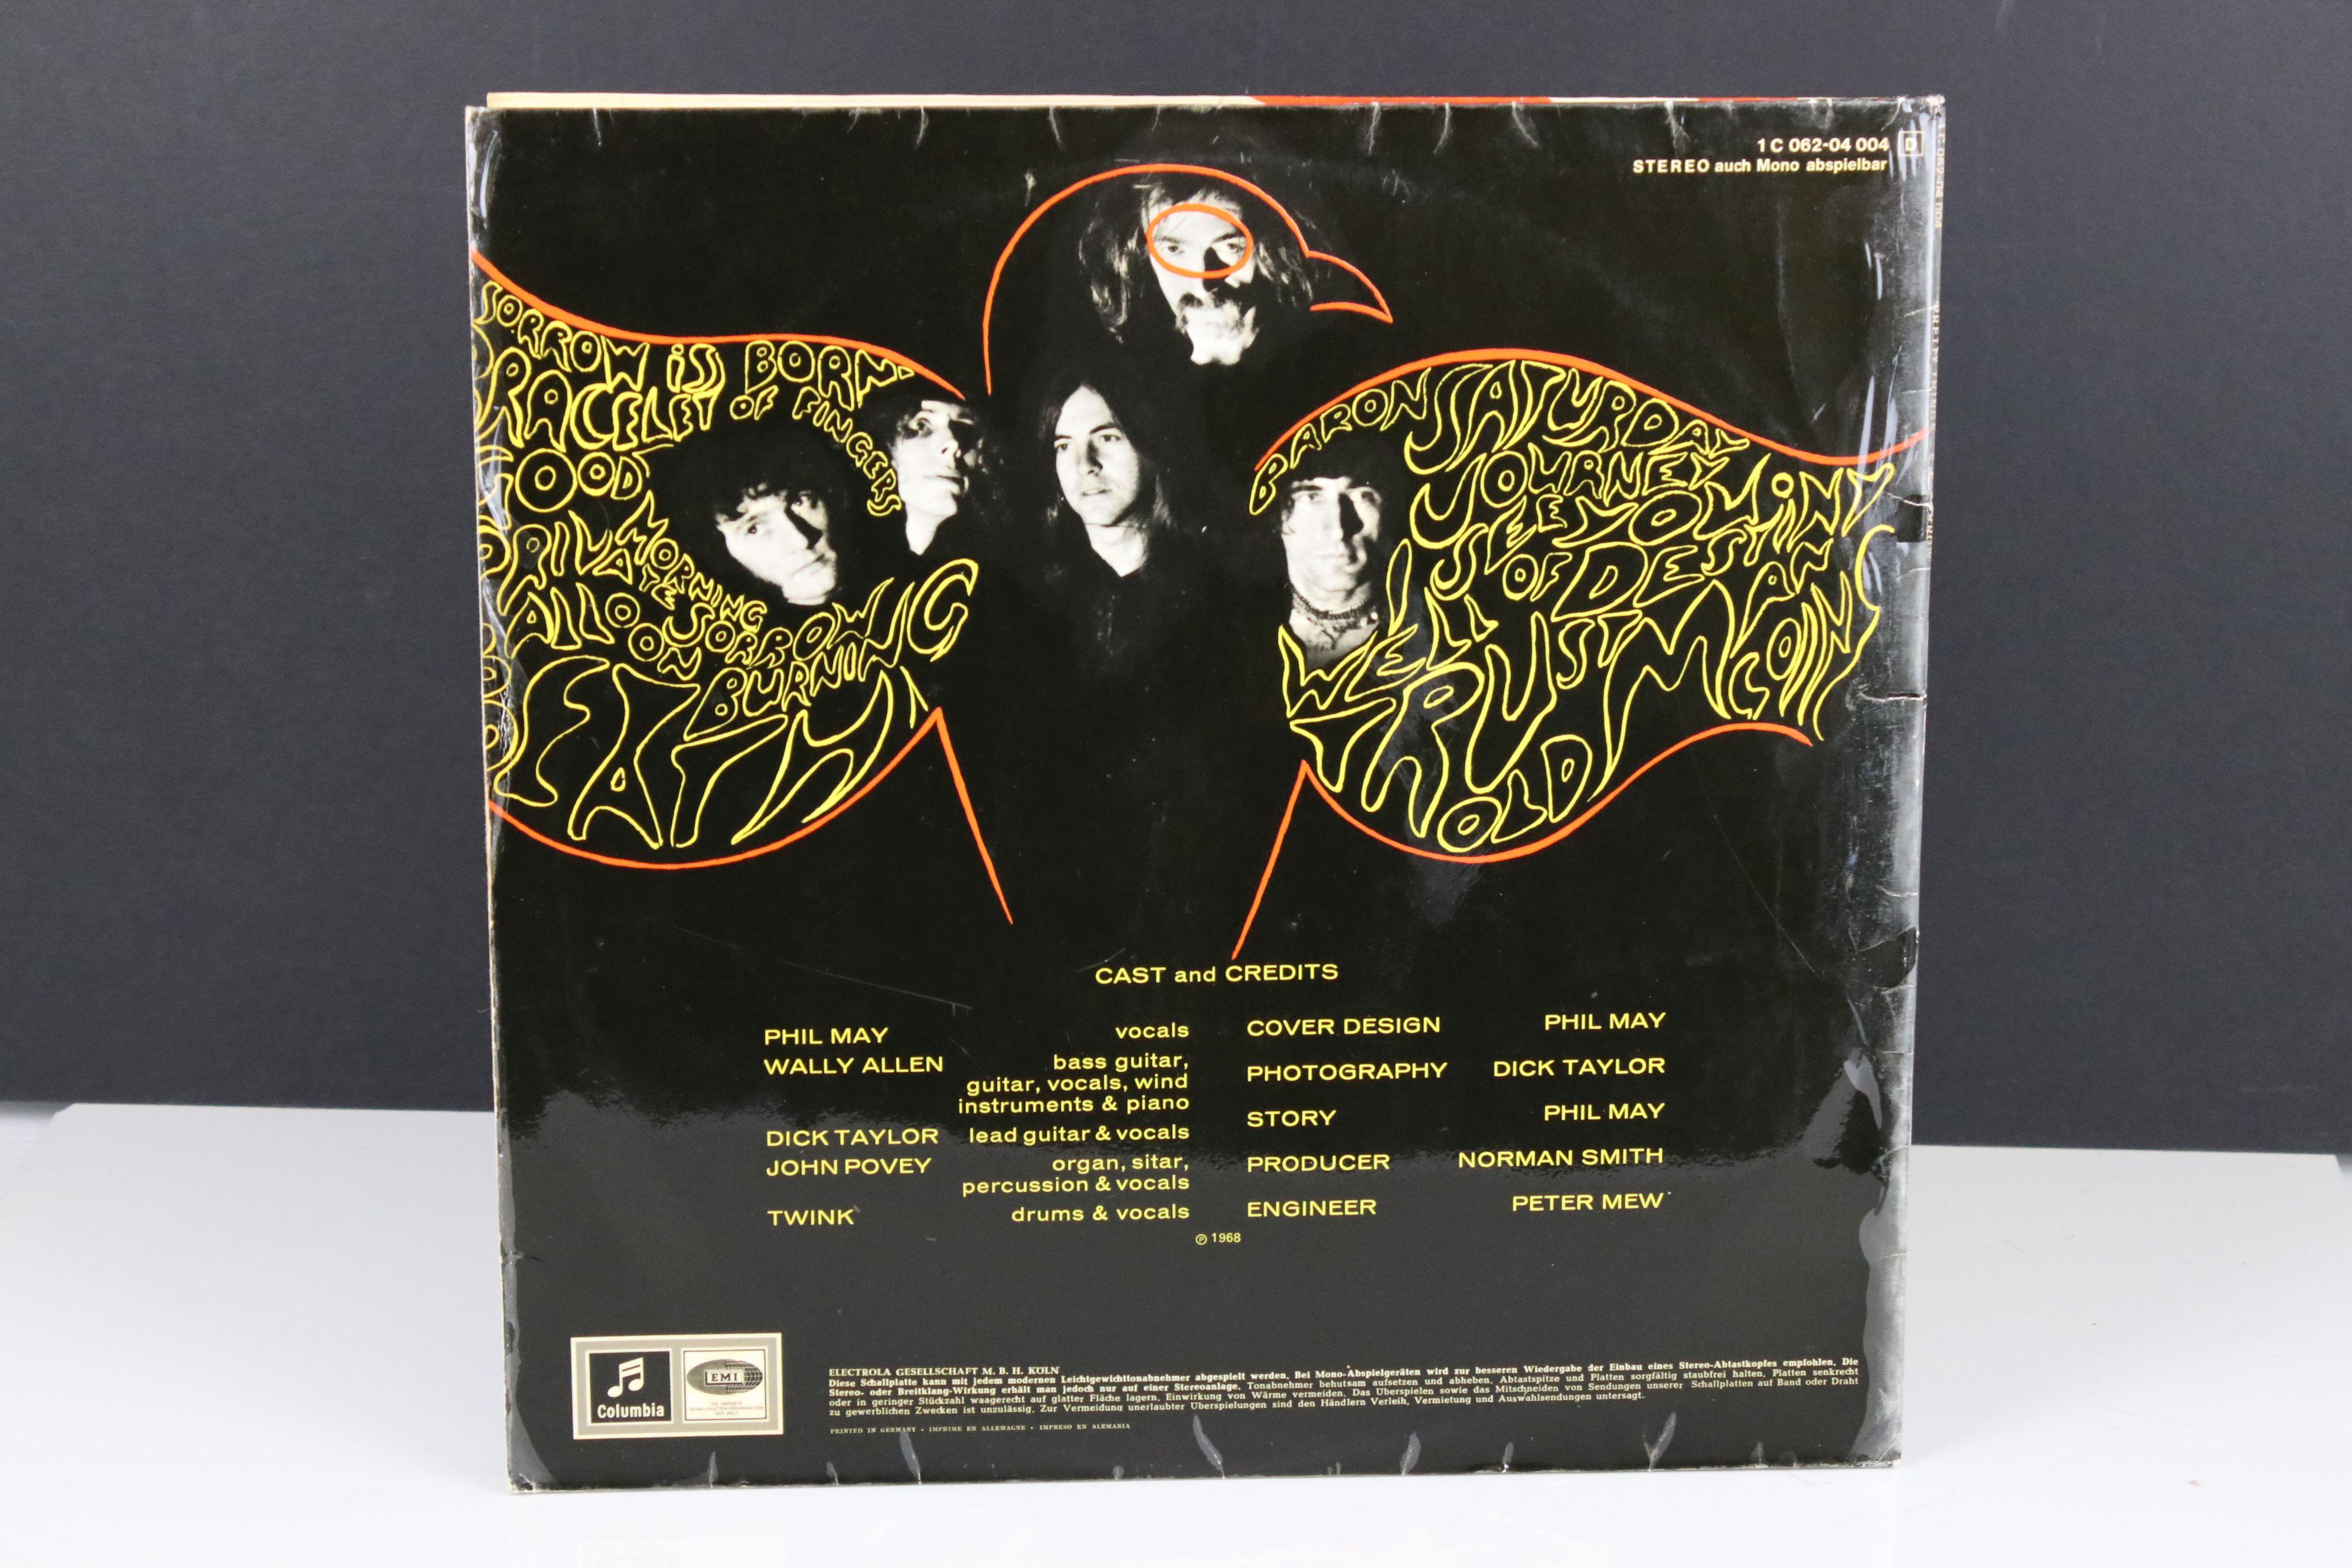 Vinyl - Pretty Things SF Sorrow LP on Columbia IC06204004 German pressing, gatefold sleeve, sleeve - Image 5 of 5